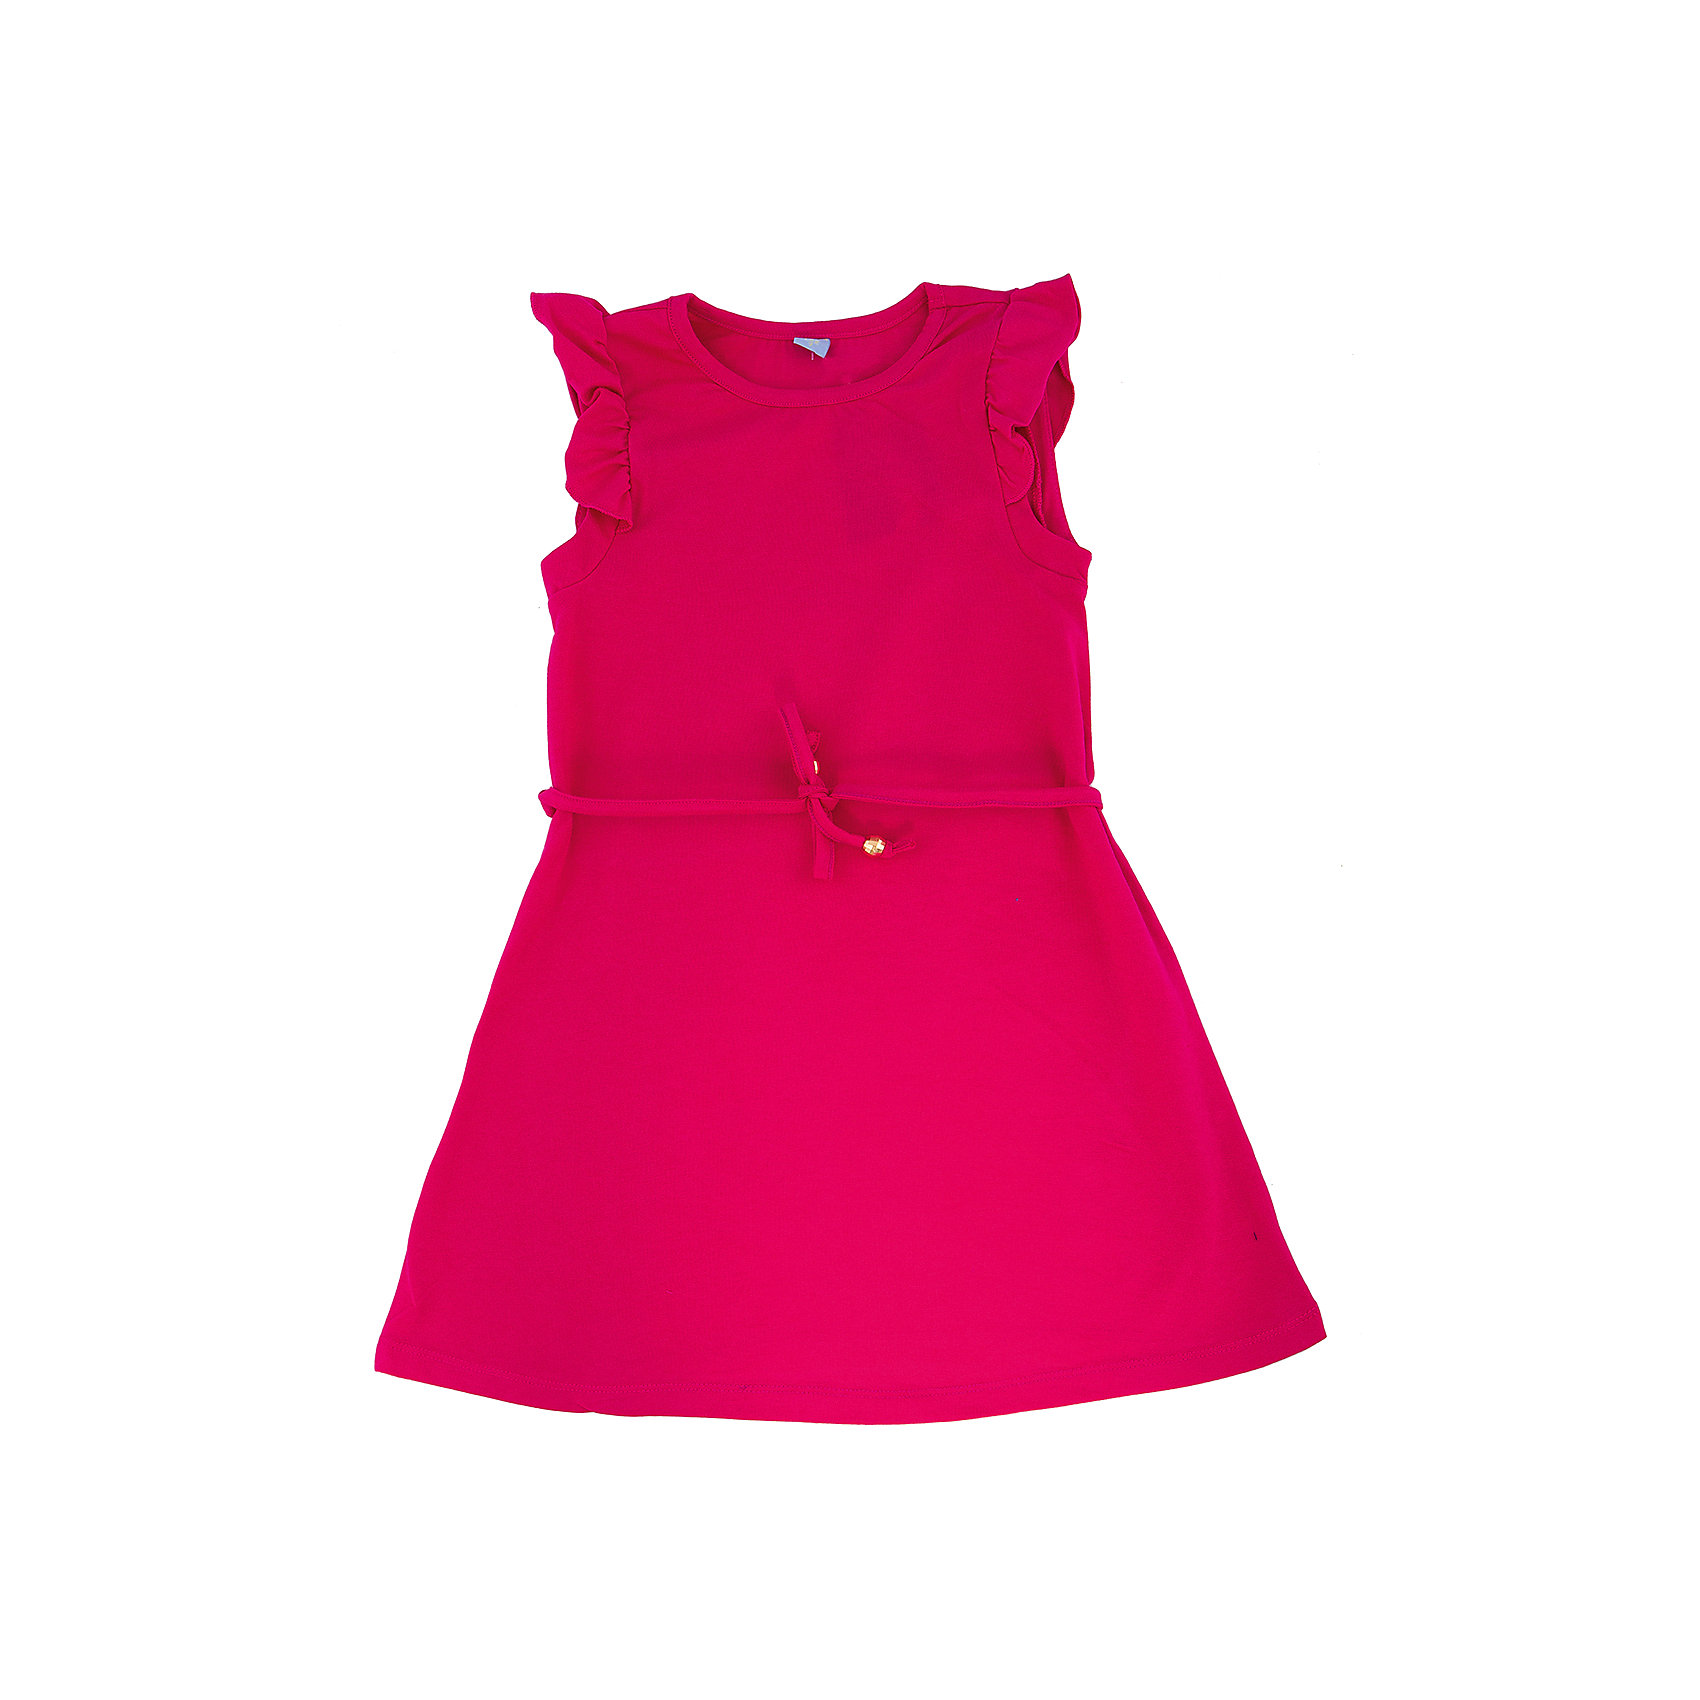 Платье для девочки DAUBERПлатья и сарафаны<br>Платье для девочки с коротким рукавом из высококачественного хлопка с  лайкрой.  Состав:95%хлопок 5%лайкра<br><br>Ширина мм: 236<br>Глубина мм: 16<br>Высота мм: 184<br>Вес г: 177<br>Цвет: розовый<br>Возраст от месяцев: 144<br>Возраст до месяцев: 156<br>Пол: Женский<br>Возраст: Детский<br>Размер: 158,134,122,164,152,140,128,146<br>SKU: 4631022